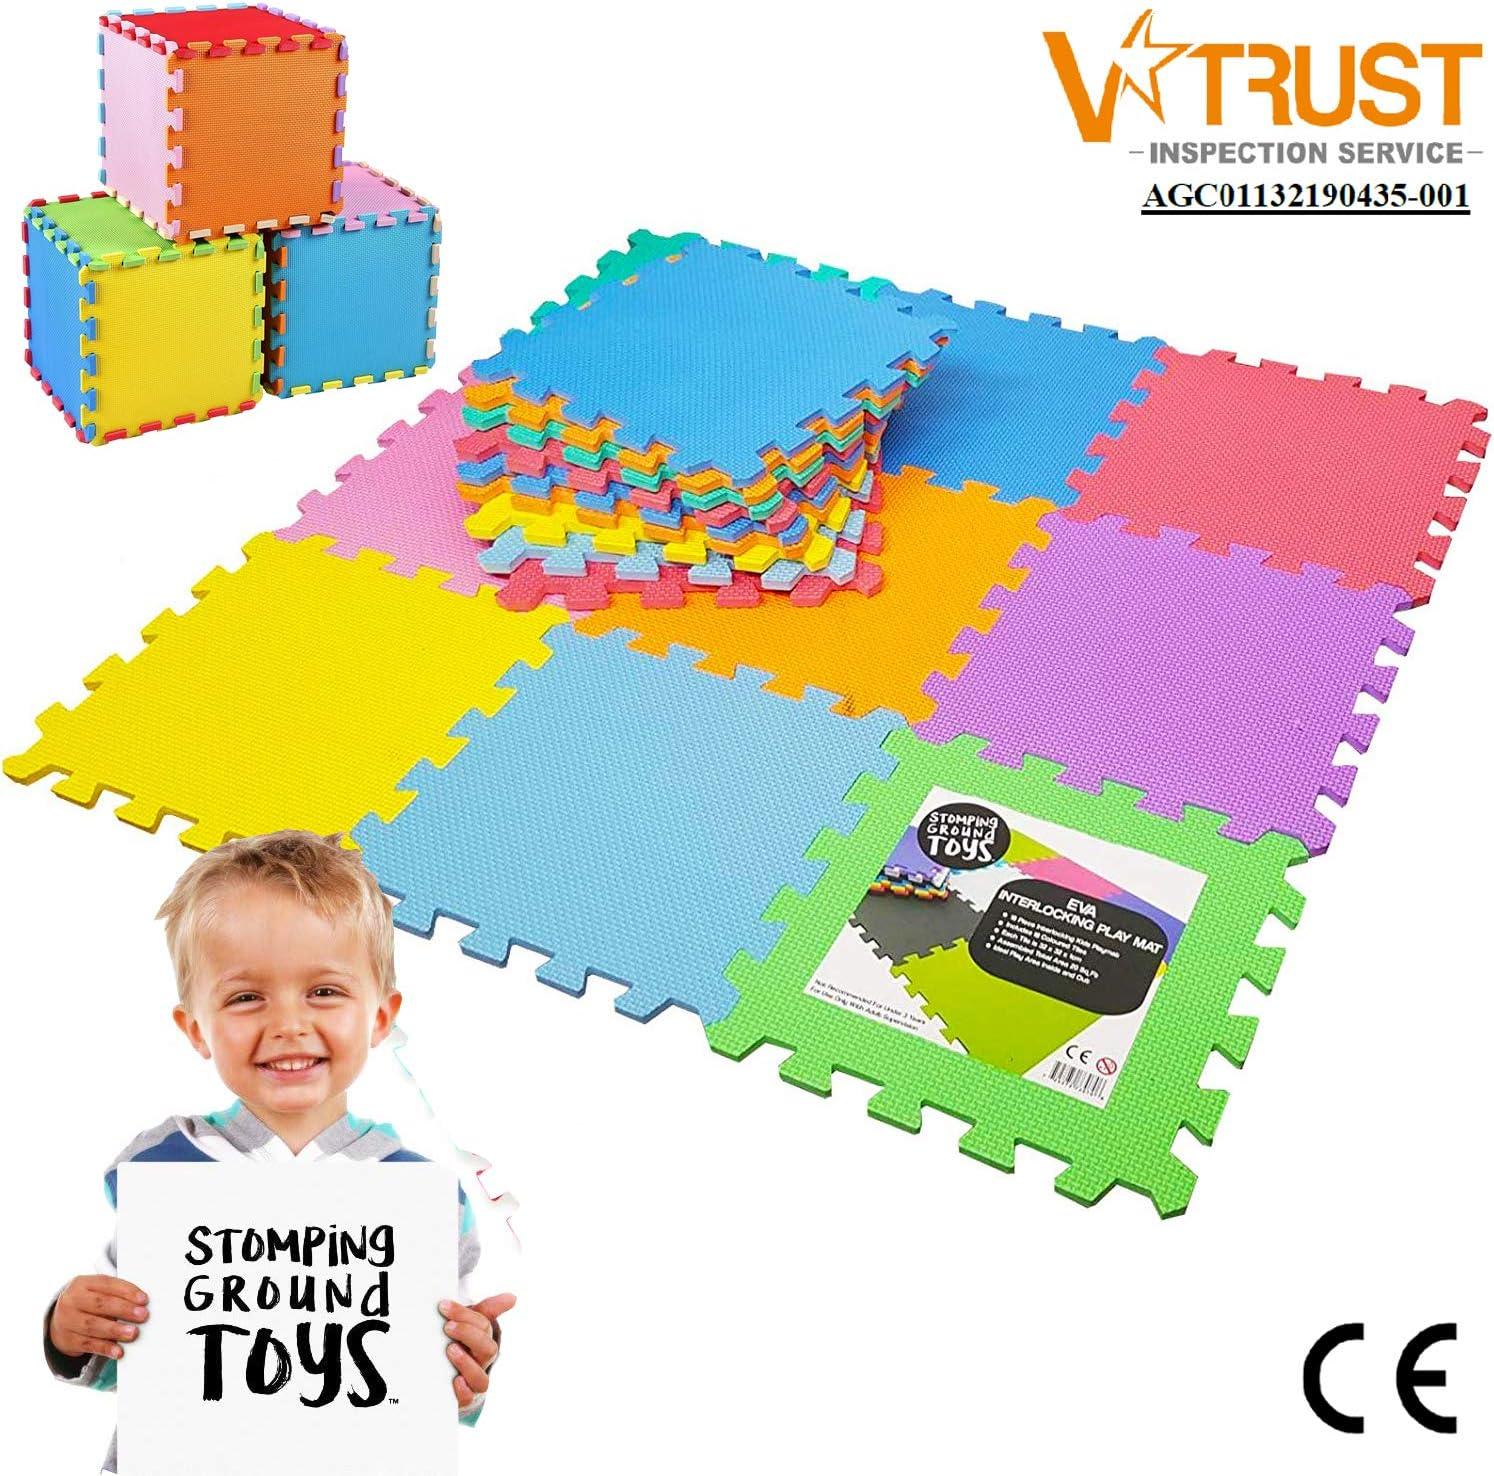 Stomping Ground Toys - 18 Alfombras Puzzle EVA Coloridas Alfombras de Foam Encajables para Actividades Infantiles en el Piso